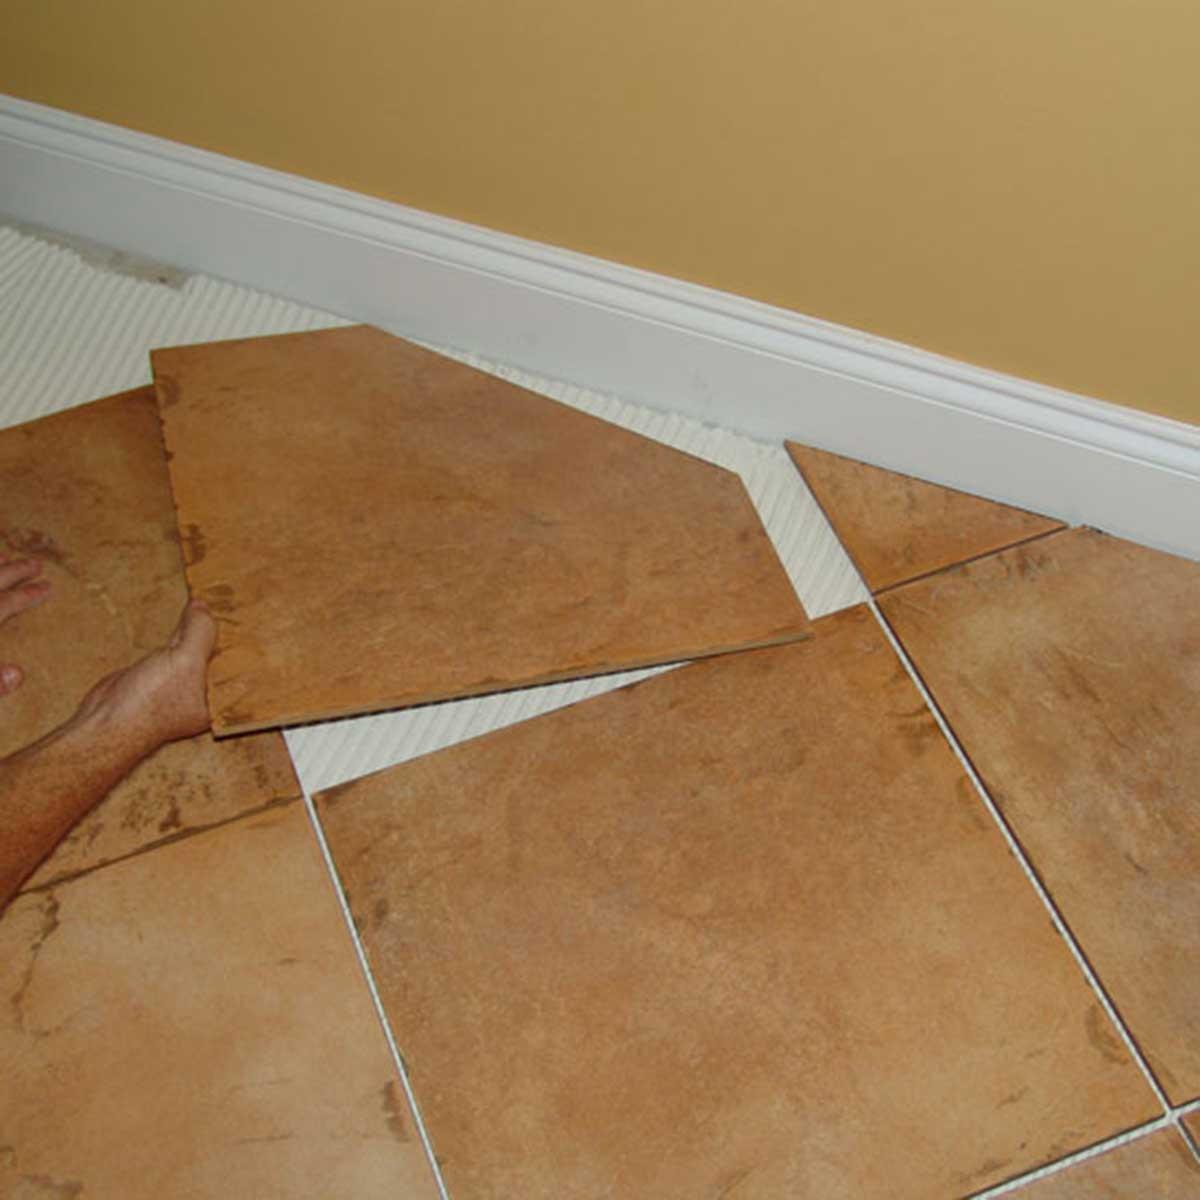 TileRight MeasureRIGHT Pro cut